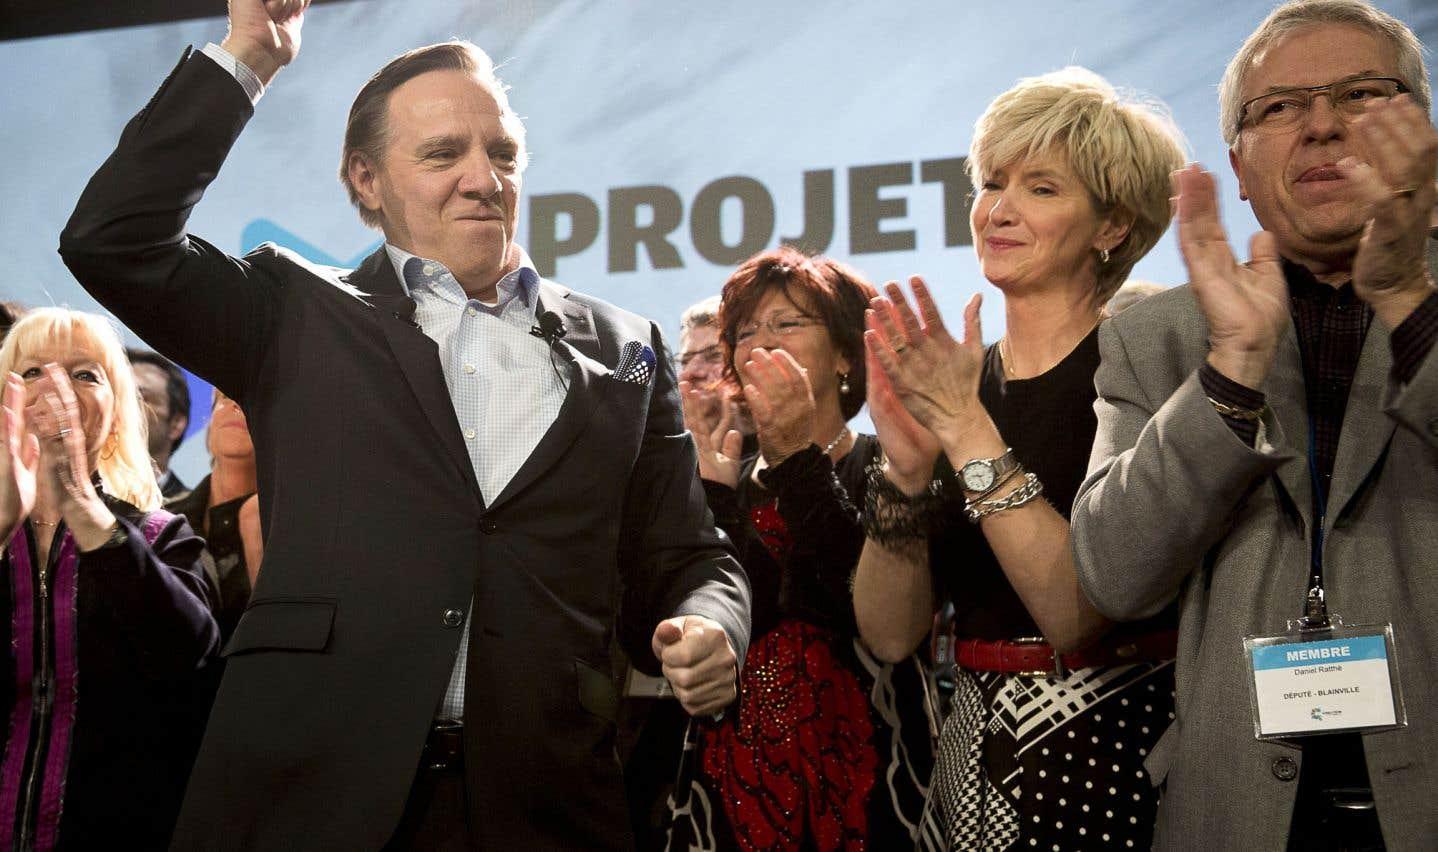 François Legault en compagnie de militants et de son épouse, Isabelle Brais, lors du premier conseil général de la CAQ, en mars 2013